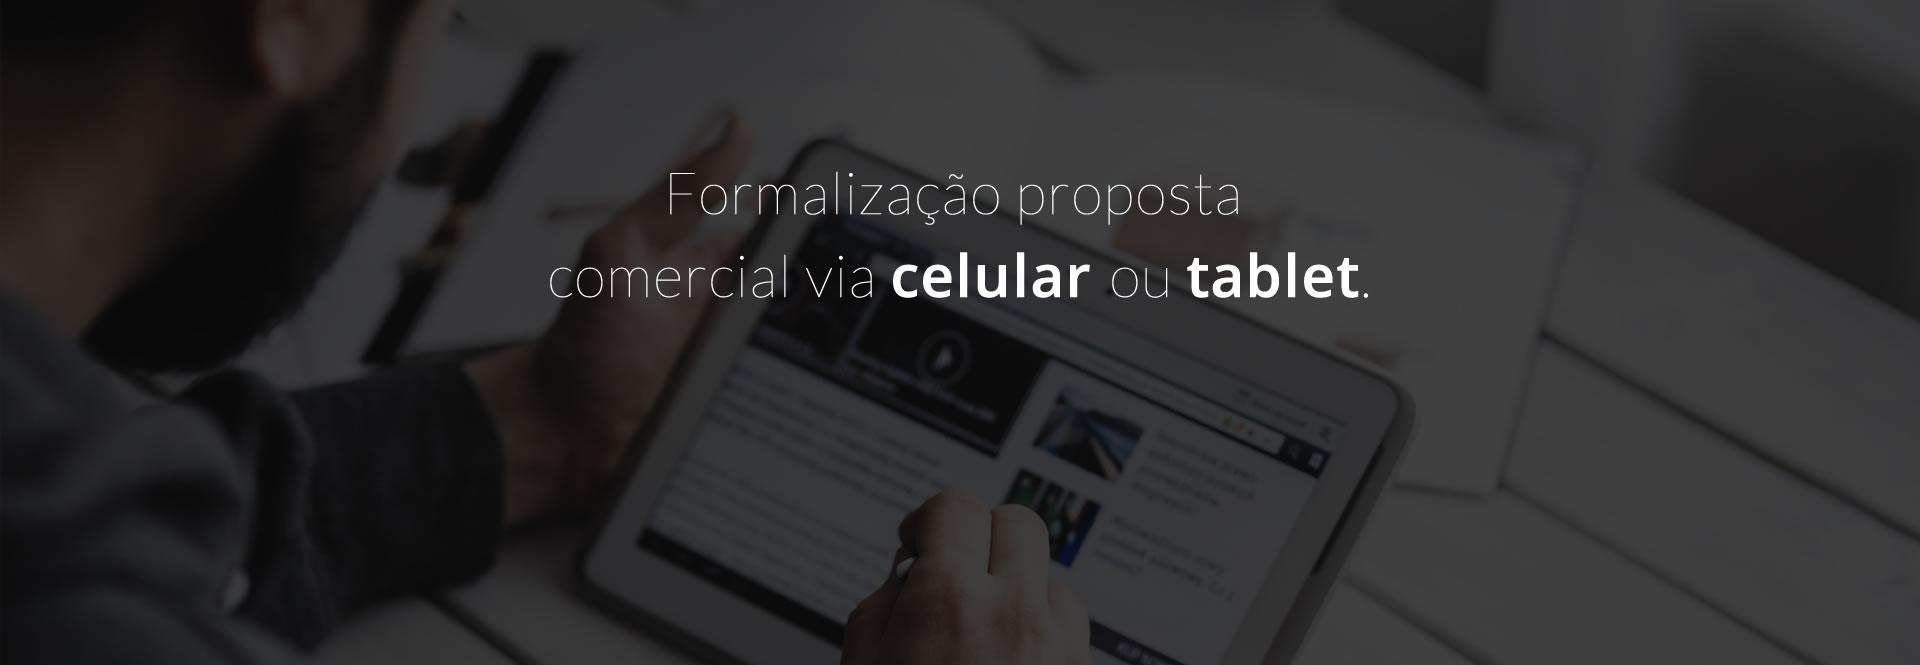 Formalização proposta comercial via celular ou tablete